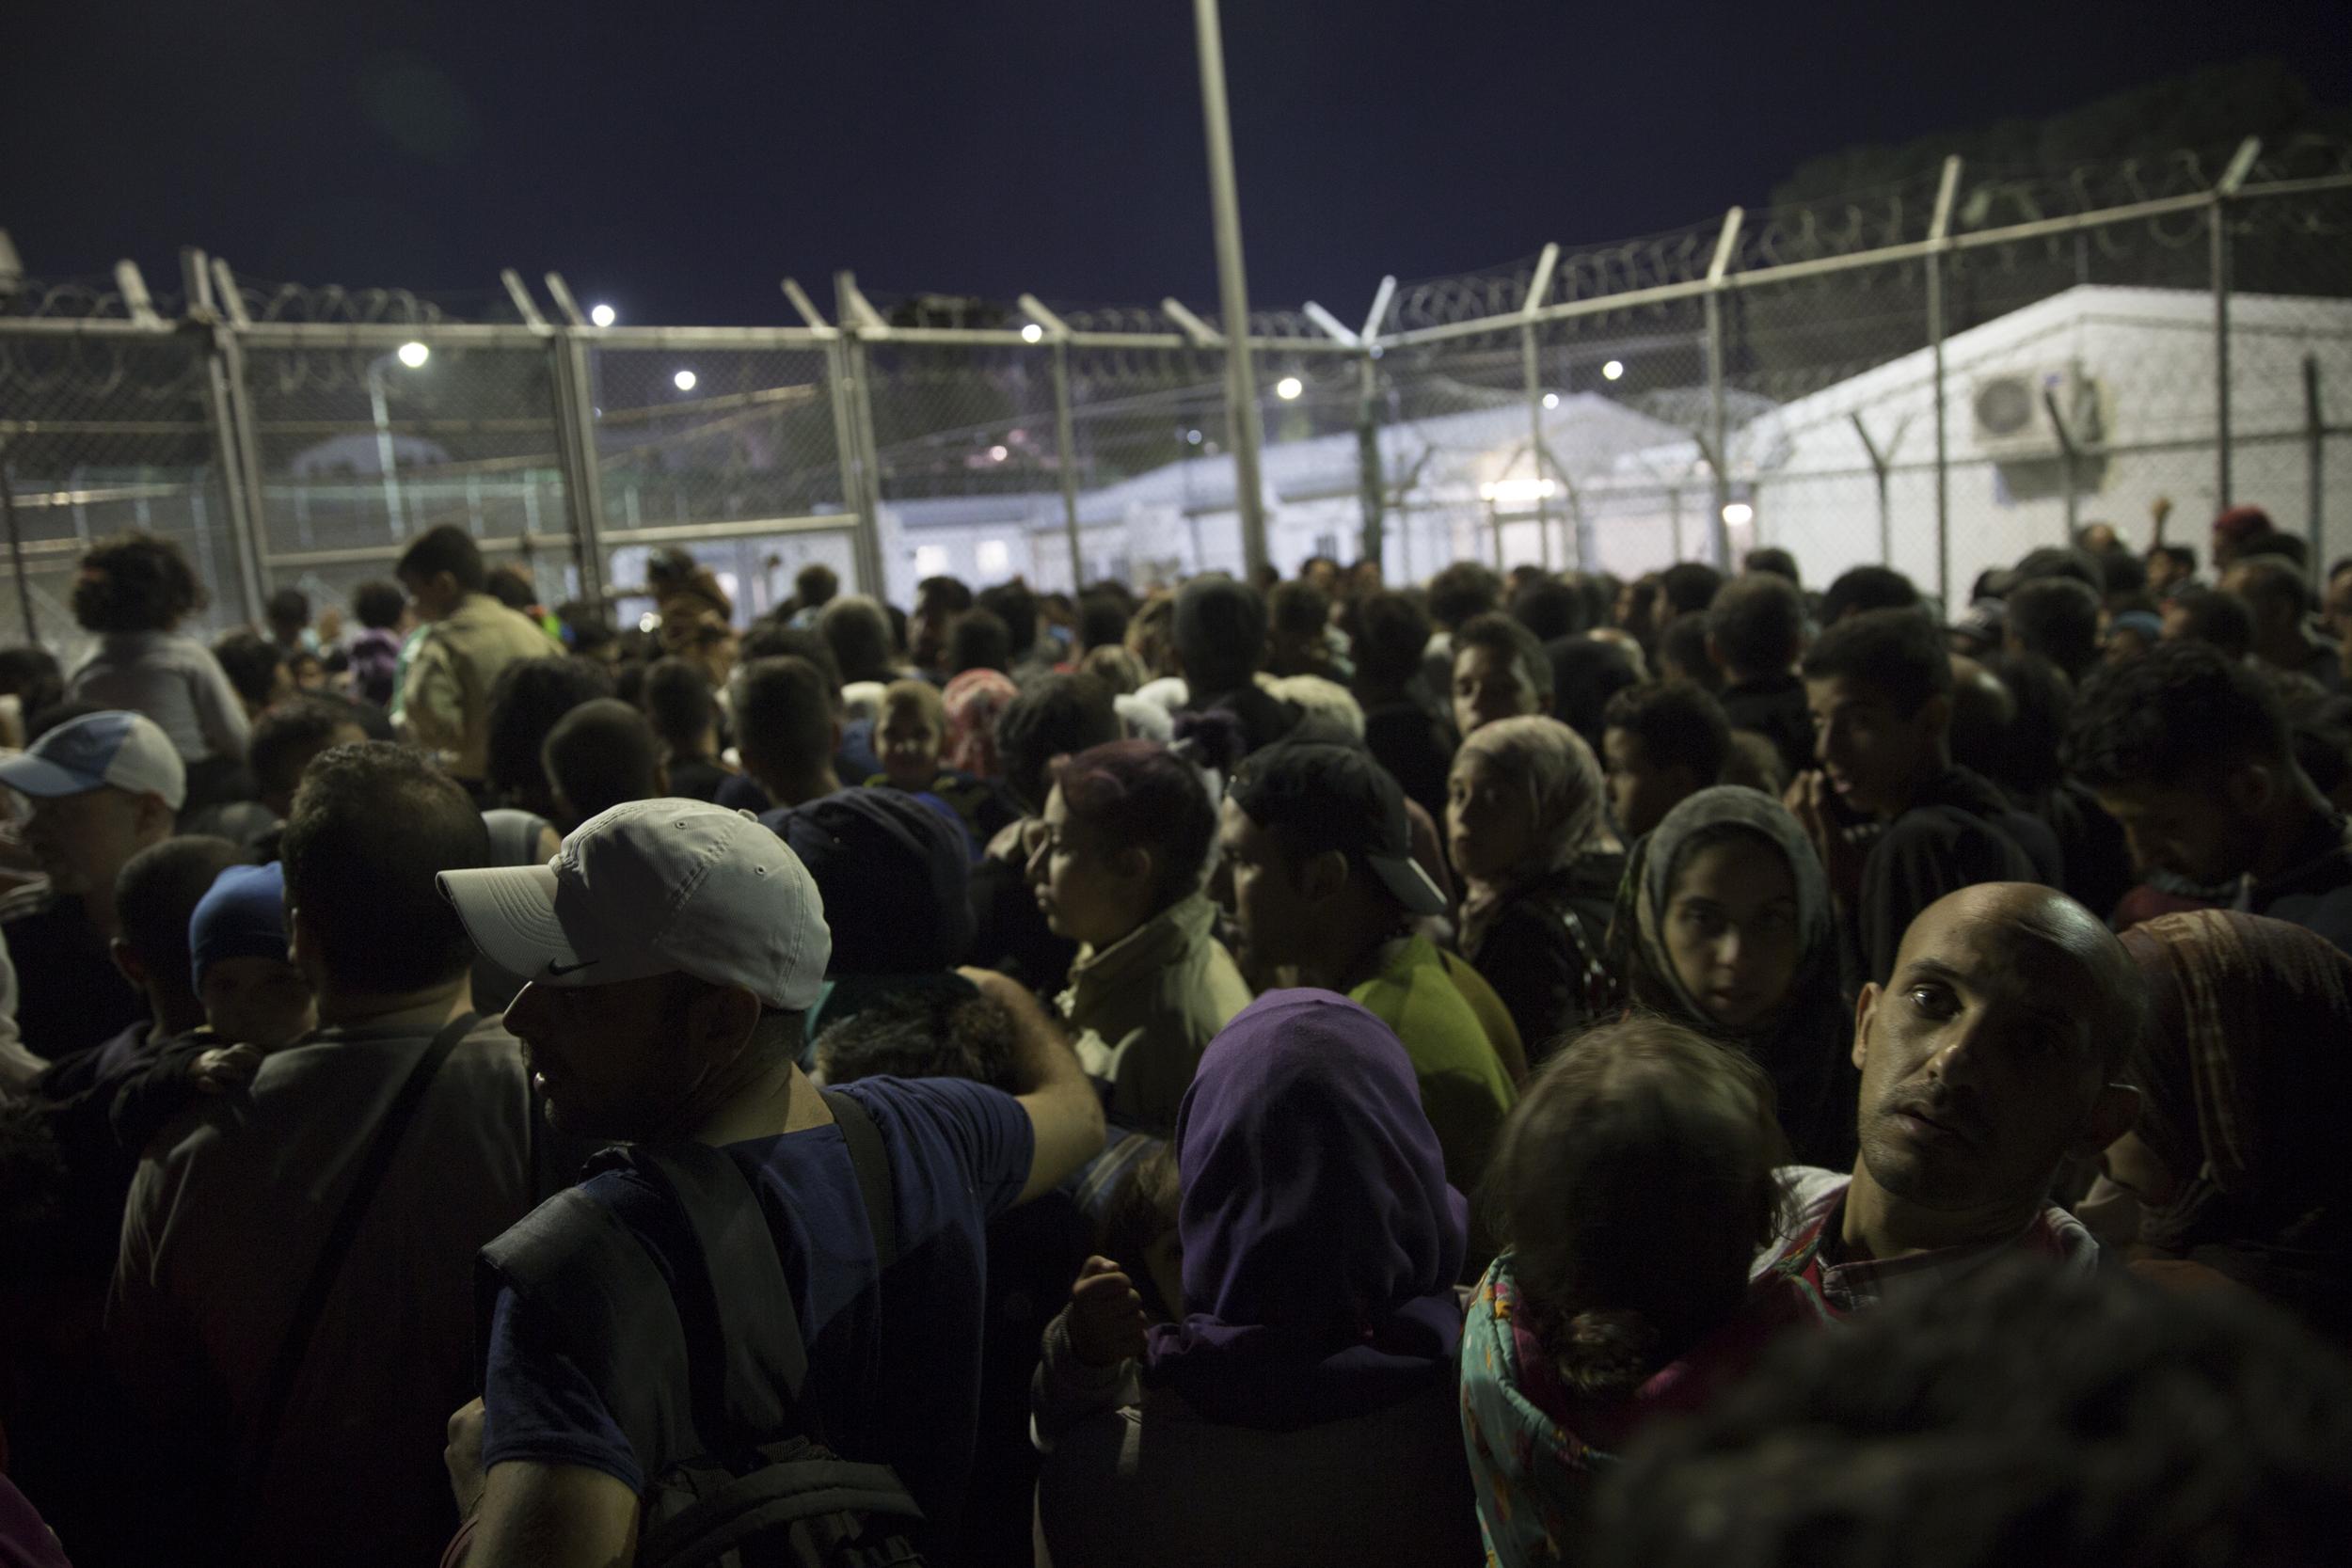 Des réfugiés attendent d'être enregistrés et de laisser leurs empreintes digitales, à l'extérieur du centre de détention de Moria